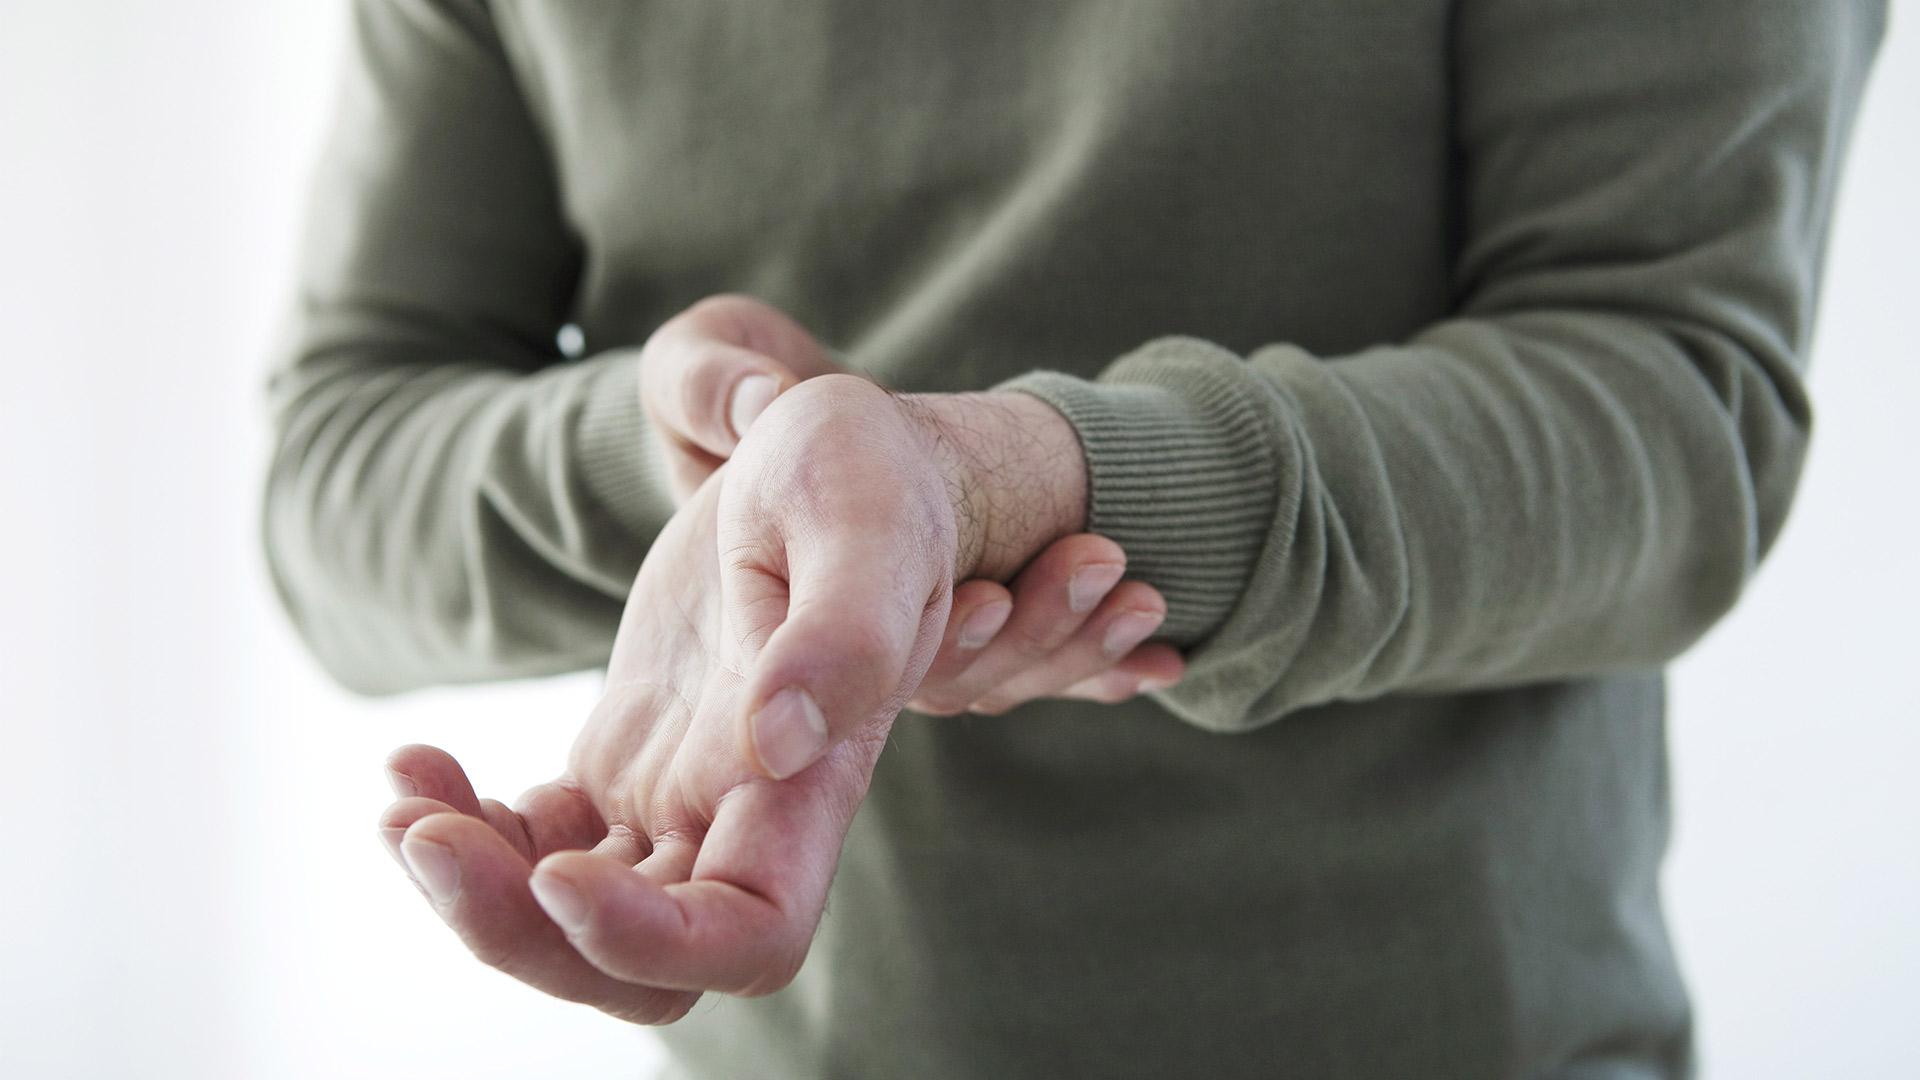 készítmények az osteochondrosis súlyosbodására